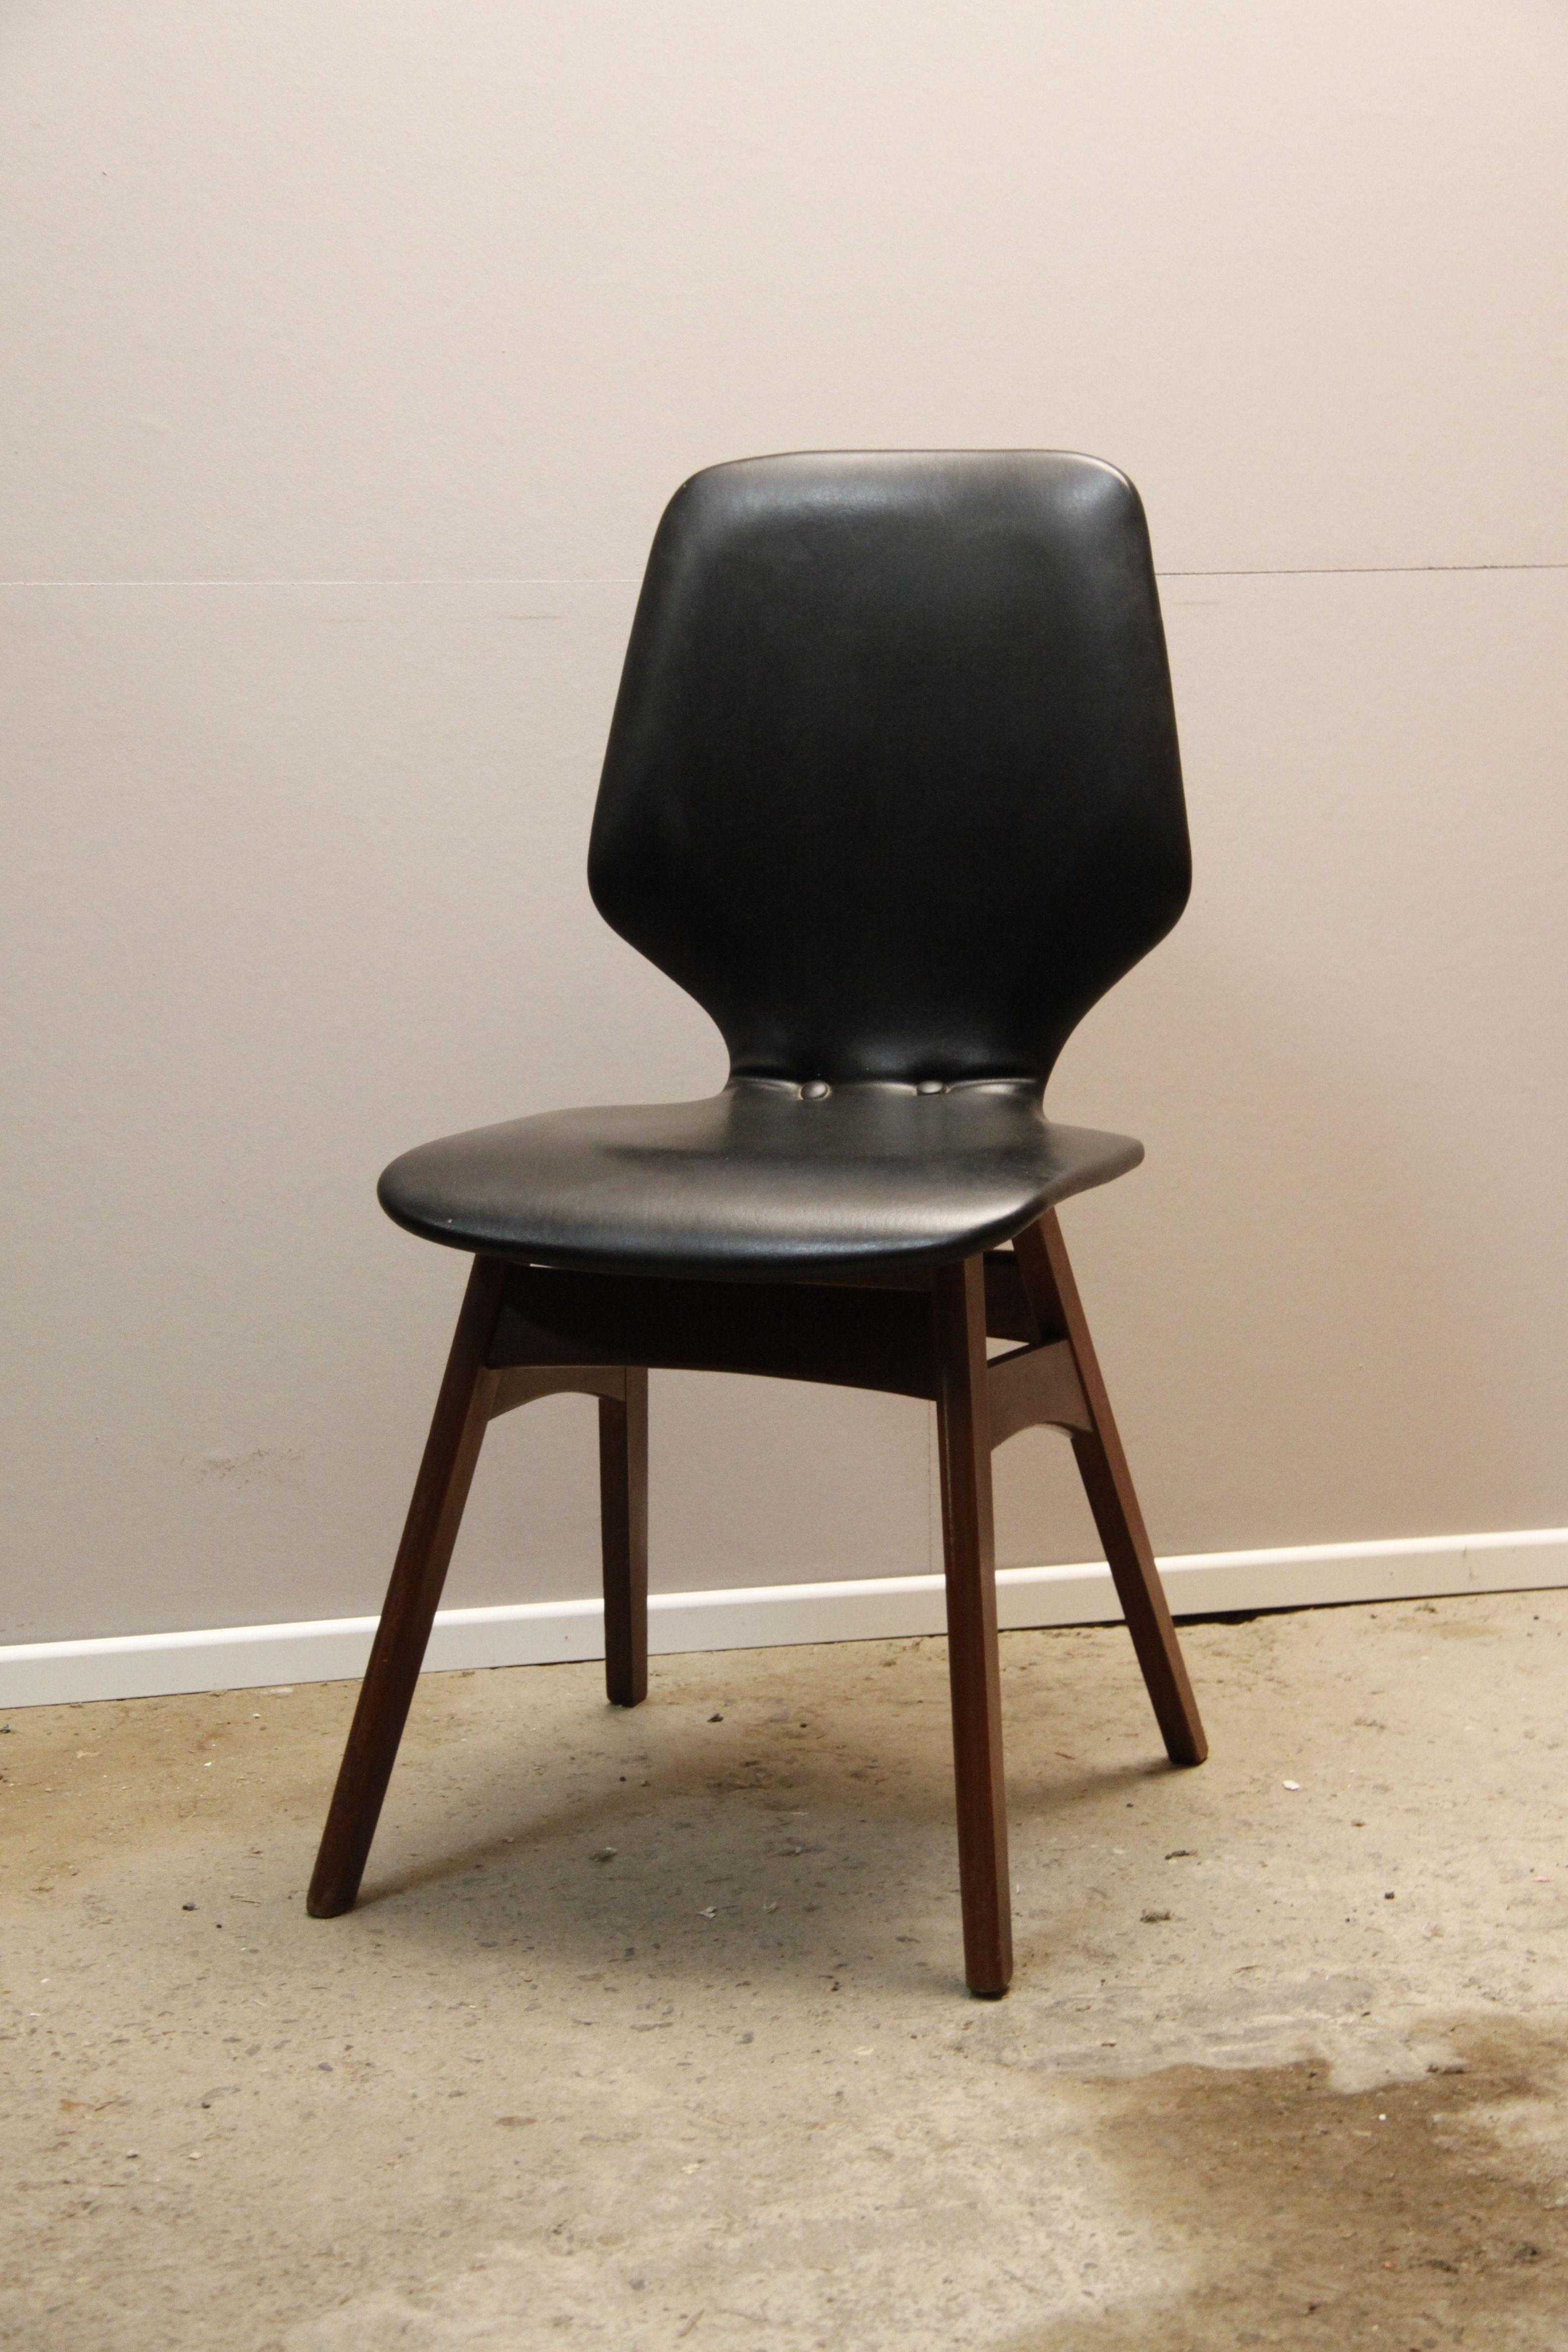 4 hippe 60s stoelen in Deense stijl, bekleed met zwarte skai. Verkeren allemaal in zeer goede staat. Geen scheurtjes, verzakkingen etc. Prijs per stuk: €55,- euro of €200,- voor de set van 4. www.daspasdesign.nl